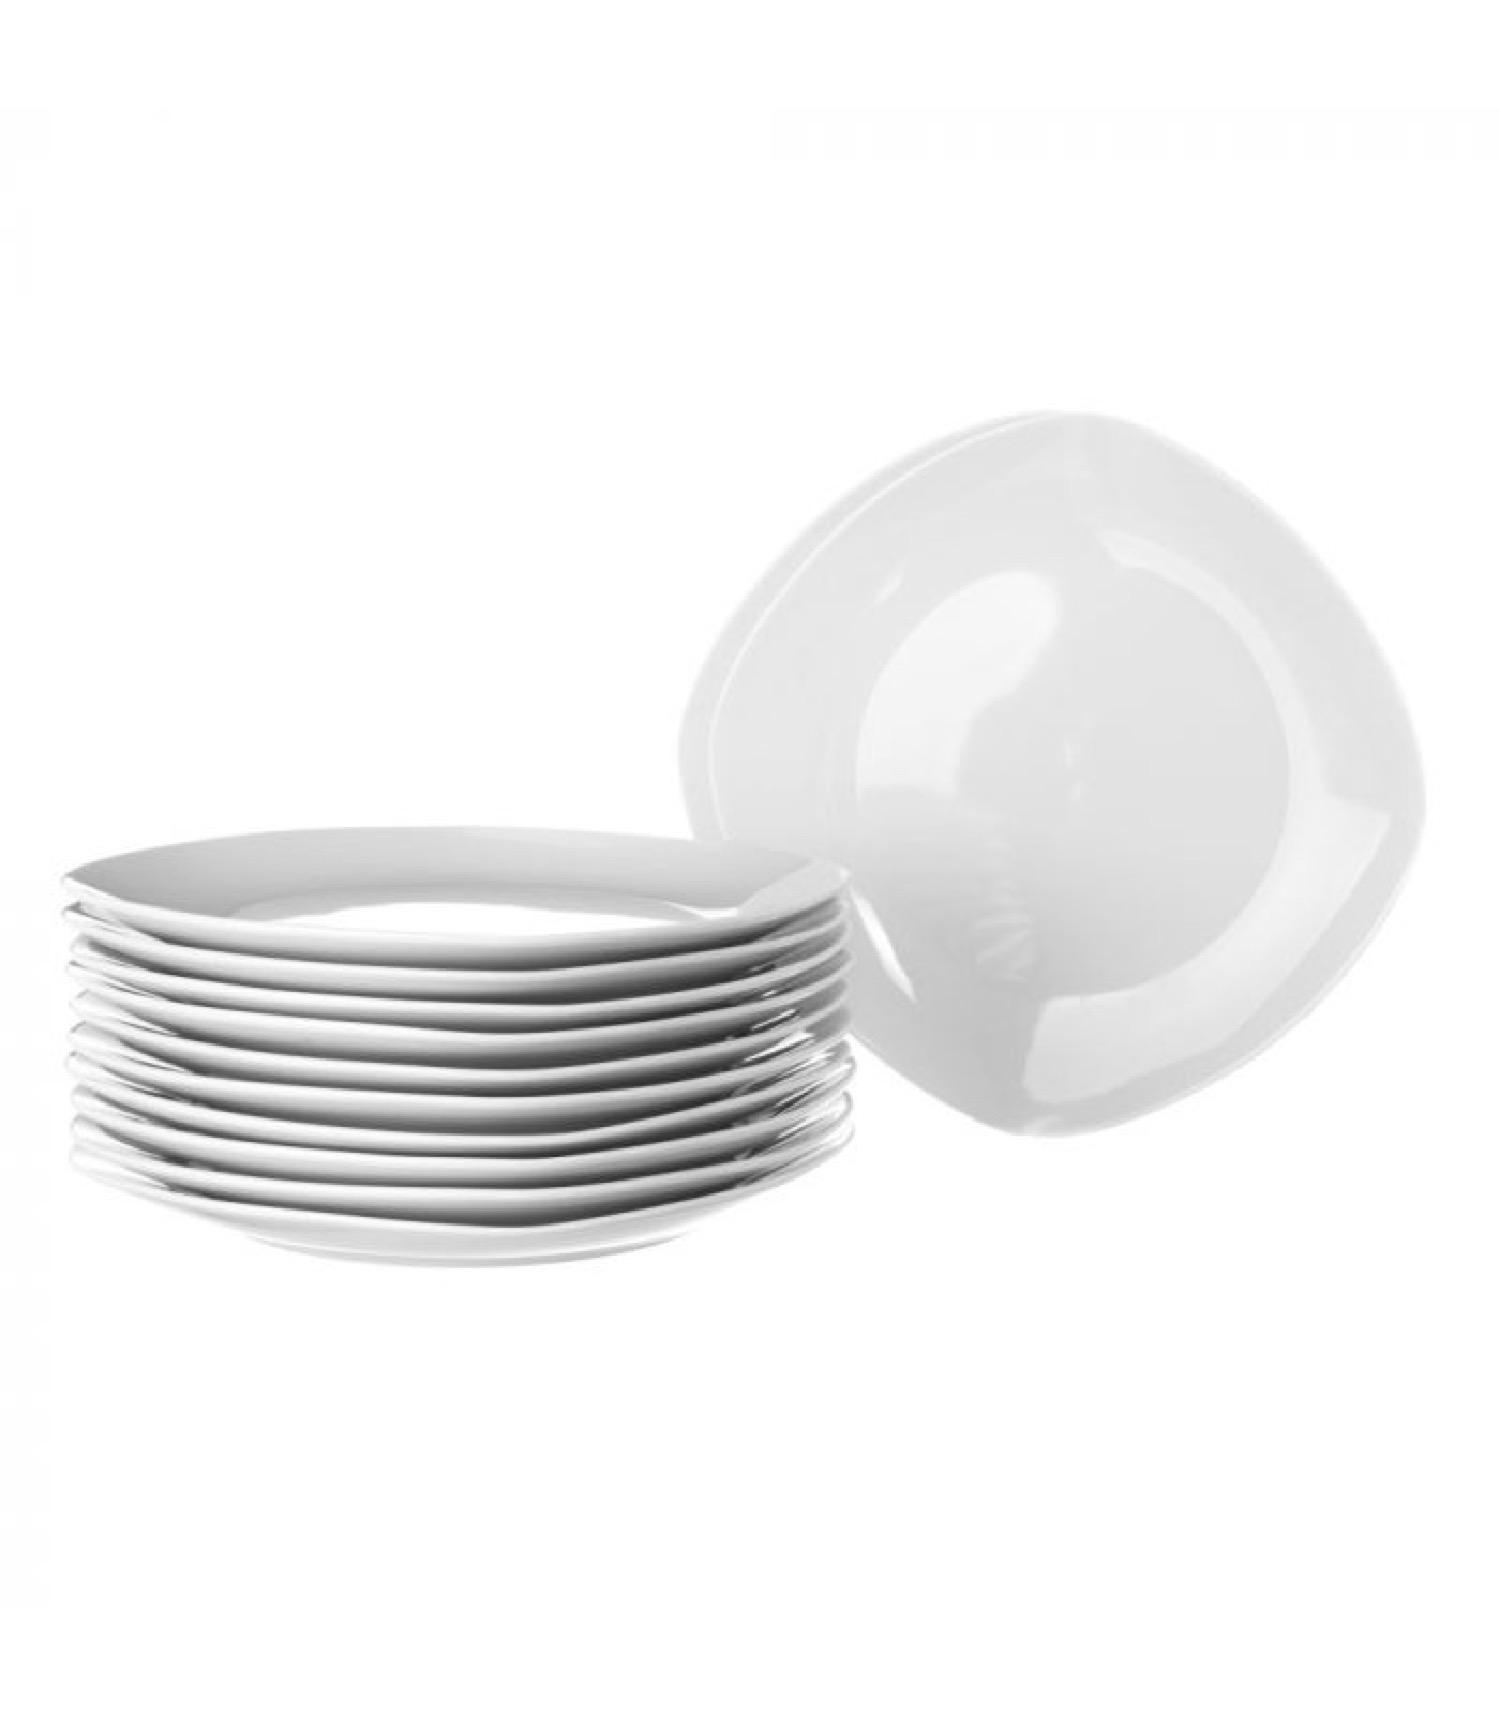 Assiette à dessert carrée en porcelaine blanche - Lot de 12